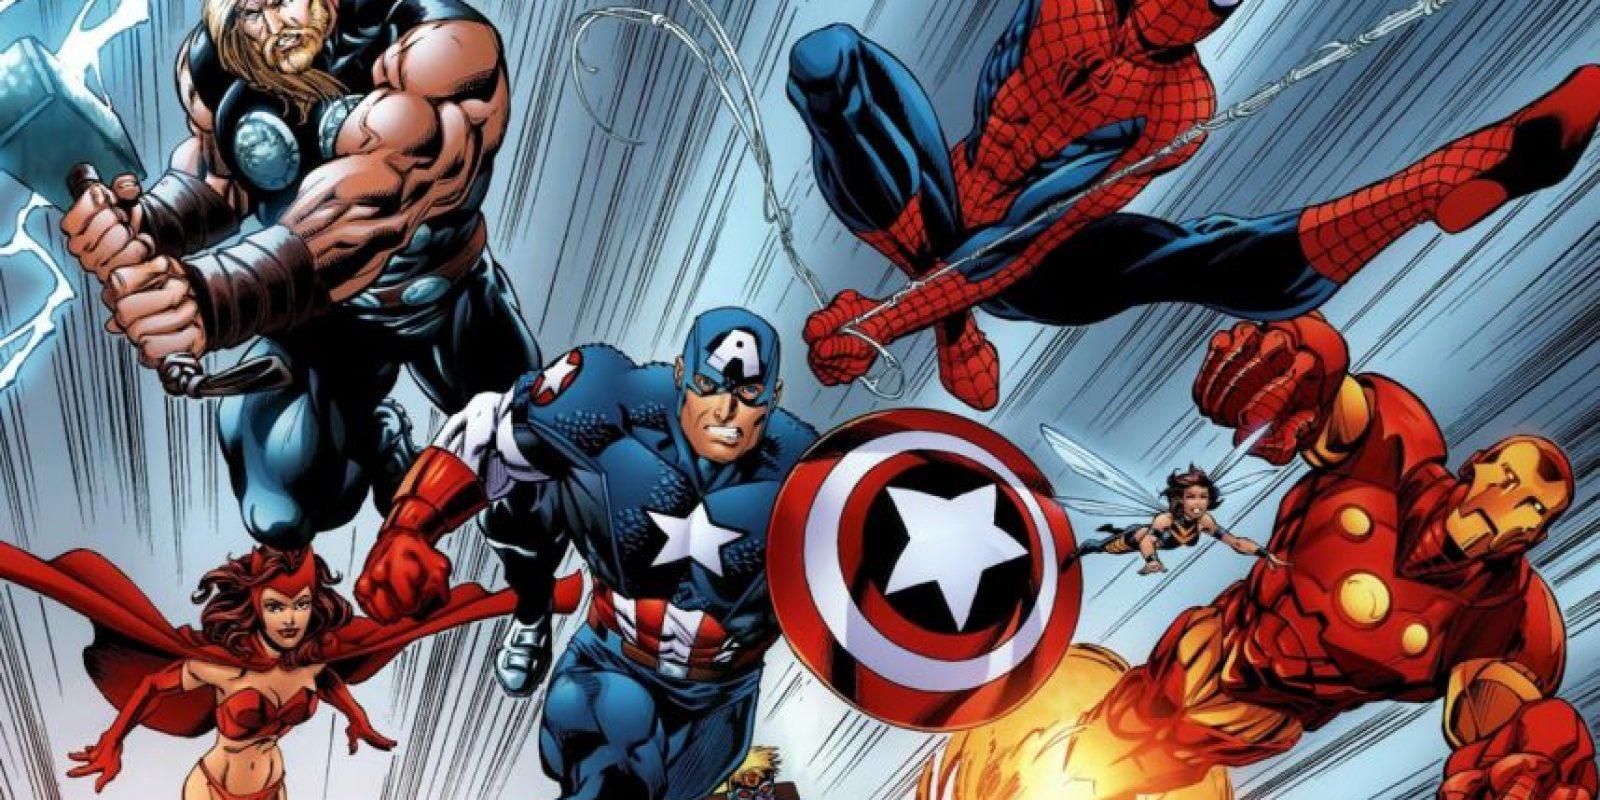 """Hay una antítesis de Los Vengadores llamada """"Los Vengadores Oscuros"""", que fue creada por Norman Osborn, quien queda como """"salvador"""" de la Tierra. Cada villano de Marvel pasa a ocupar el lugar de un Vengador anterior. Por ejemplo, Bullseye, el enemigo de Daredevil, tomó el lugar de Ojo de Halcón y Venom el de Spiderman. Foto:vía Marvel"""